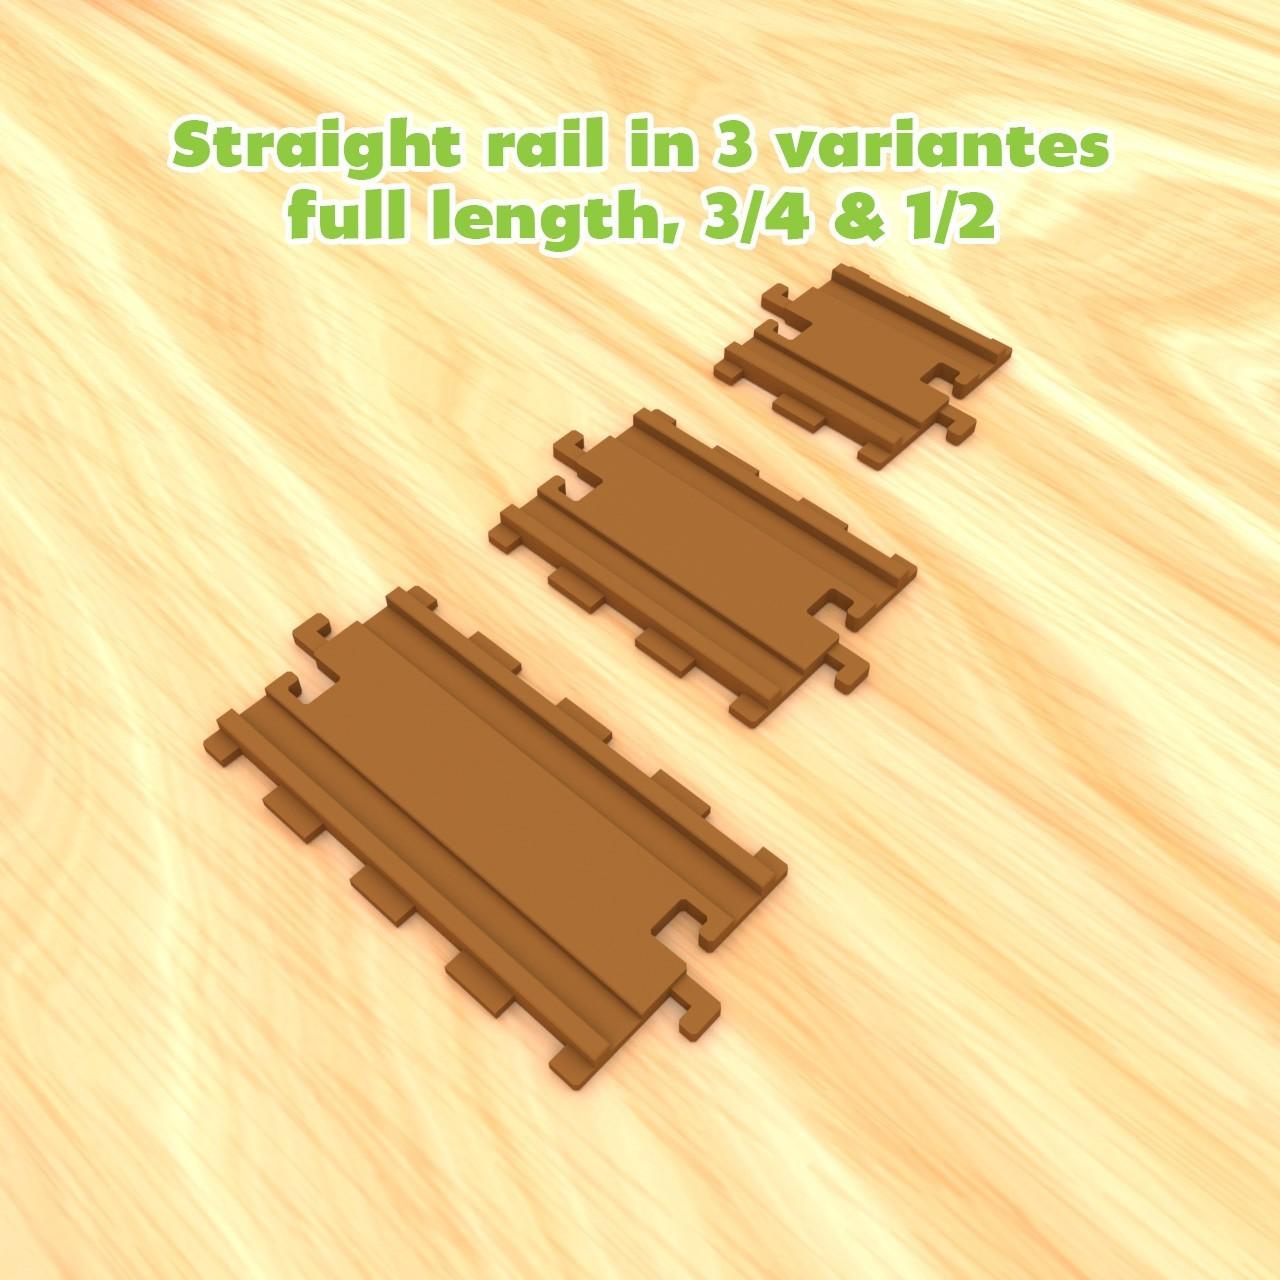 smalltoys-traintracks-straight-curved05.jpg Download STL file SmallToys - Starter Pack • 3D printer model, Wabby